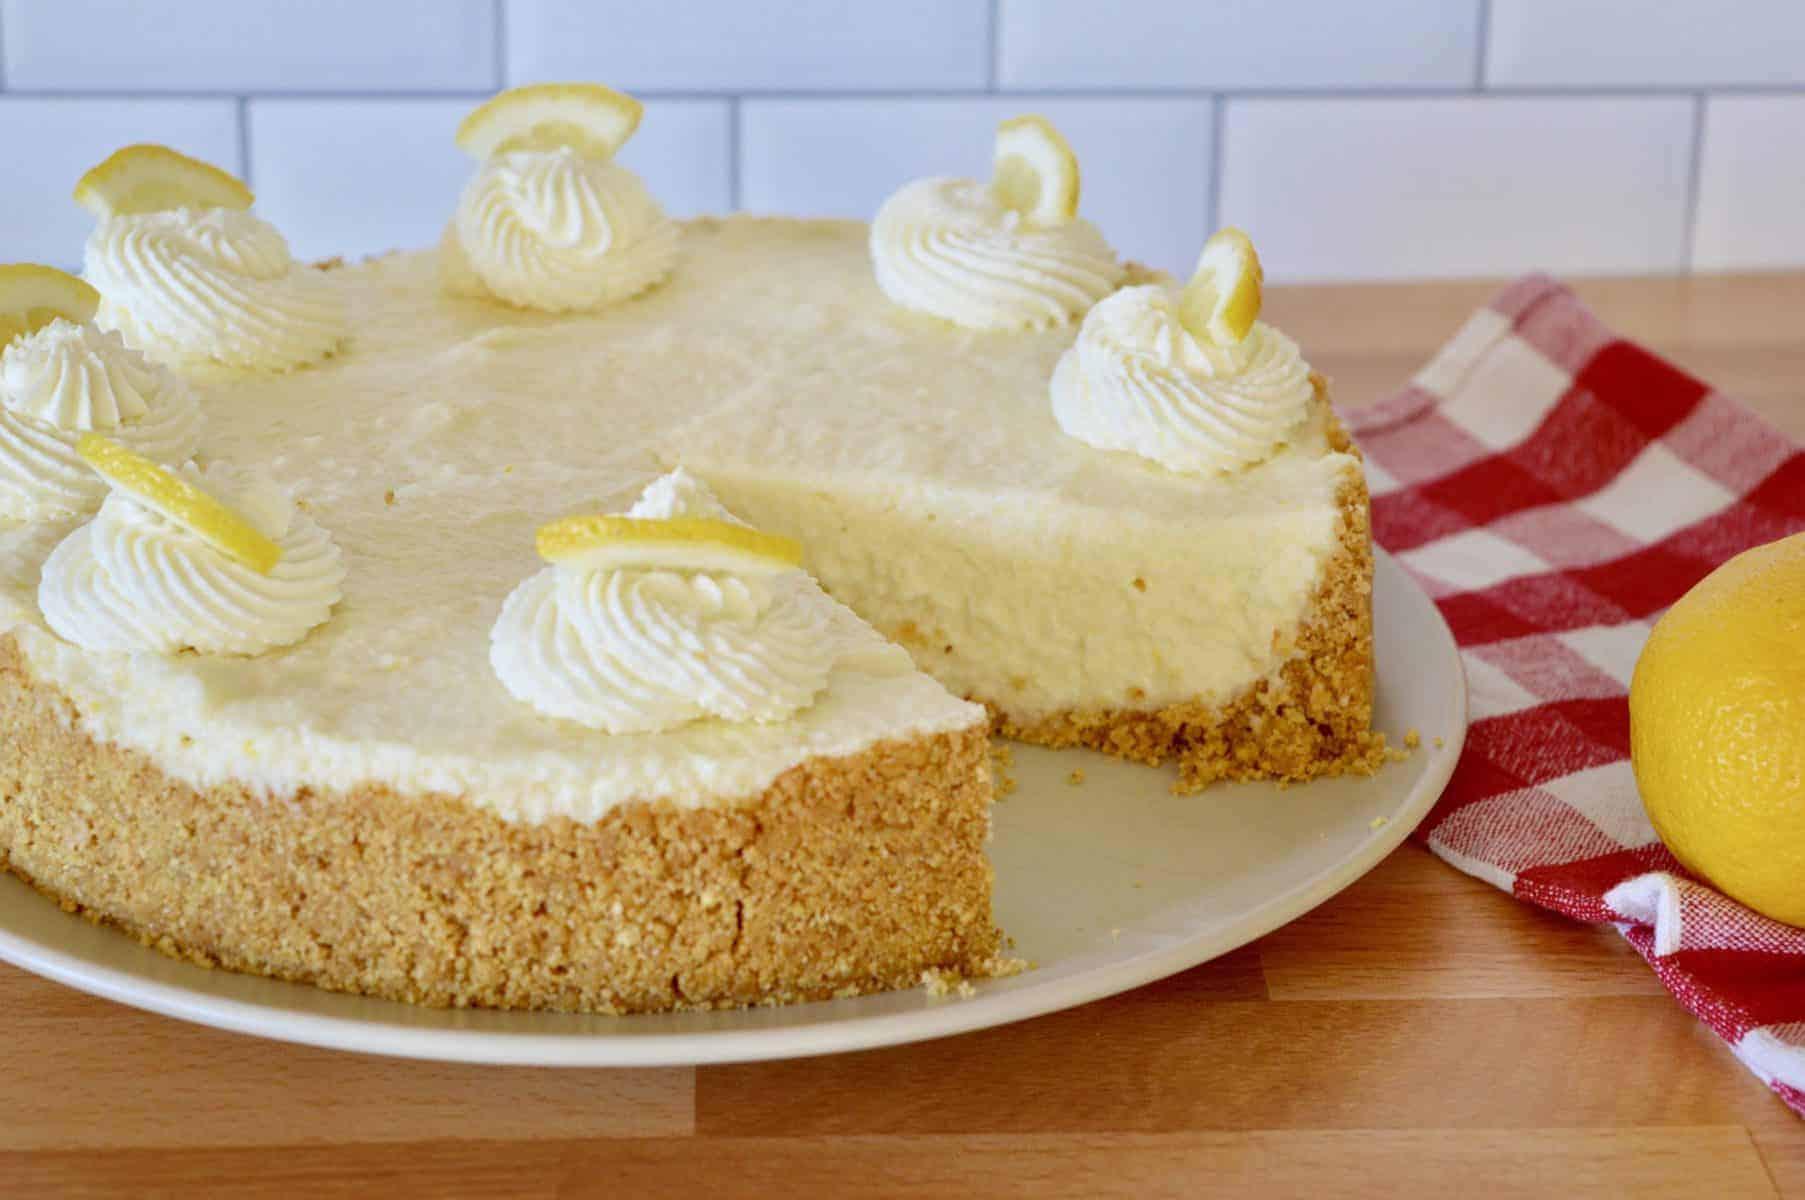 No-Bake Lemon Mascarpone Cheesecake on a serving plate.